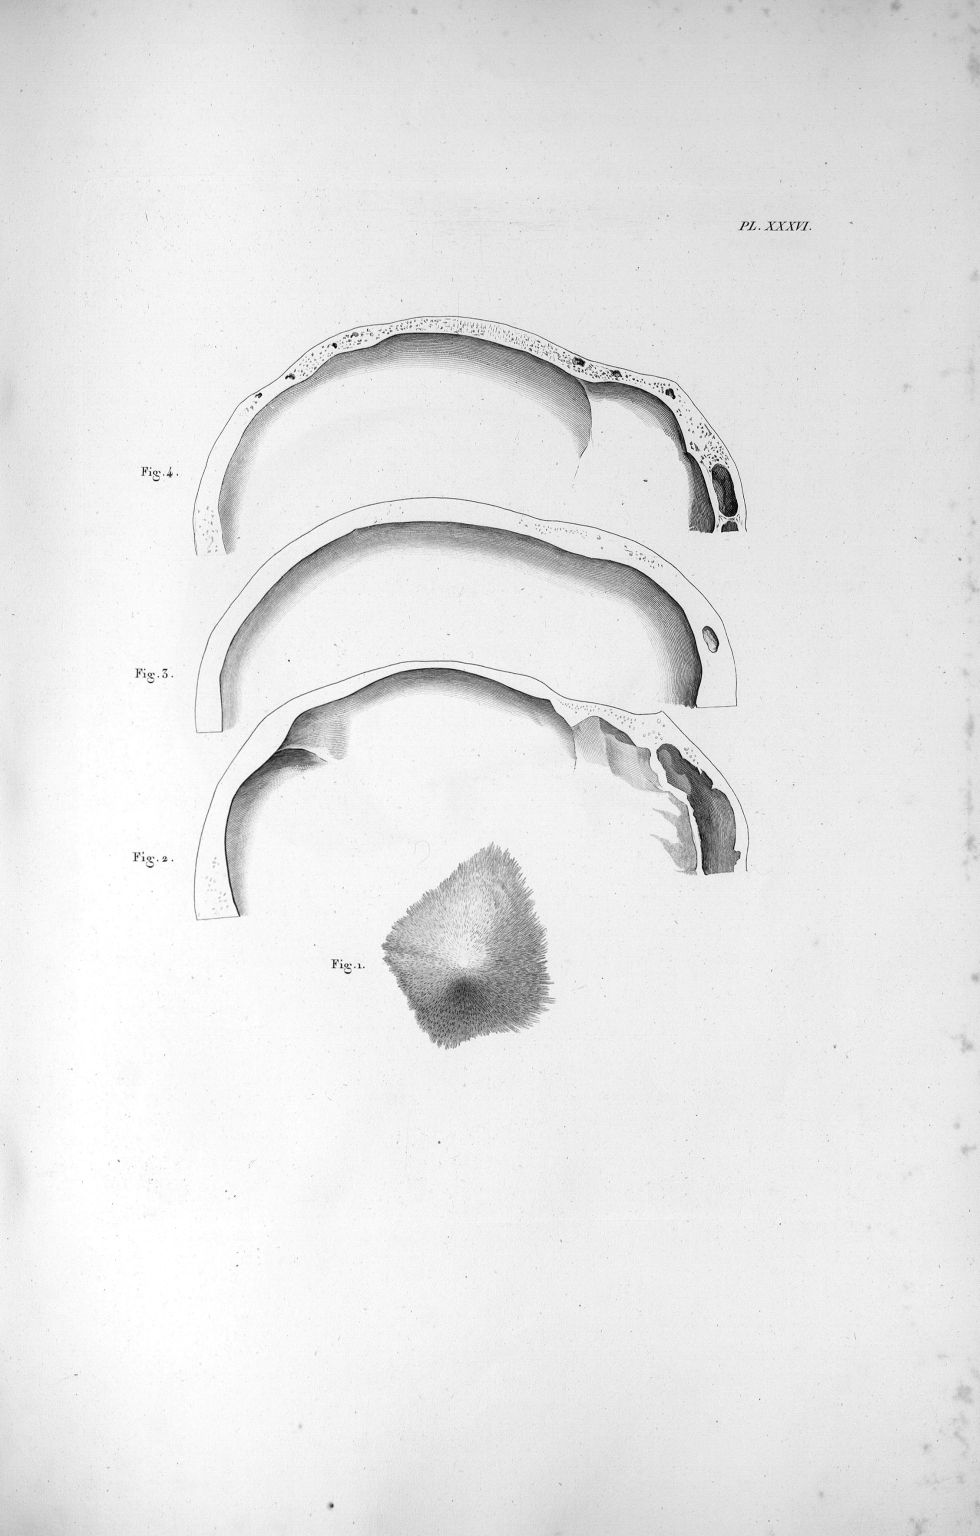 Pl. XXXVI. Osselet du crâne, pour expliquer le commencement de l'ossification - Anatomie et physiolo [...] - Anatomie. Neurologie. Crânes. 19e siècle (France) - med00575xatlasx0046